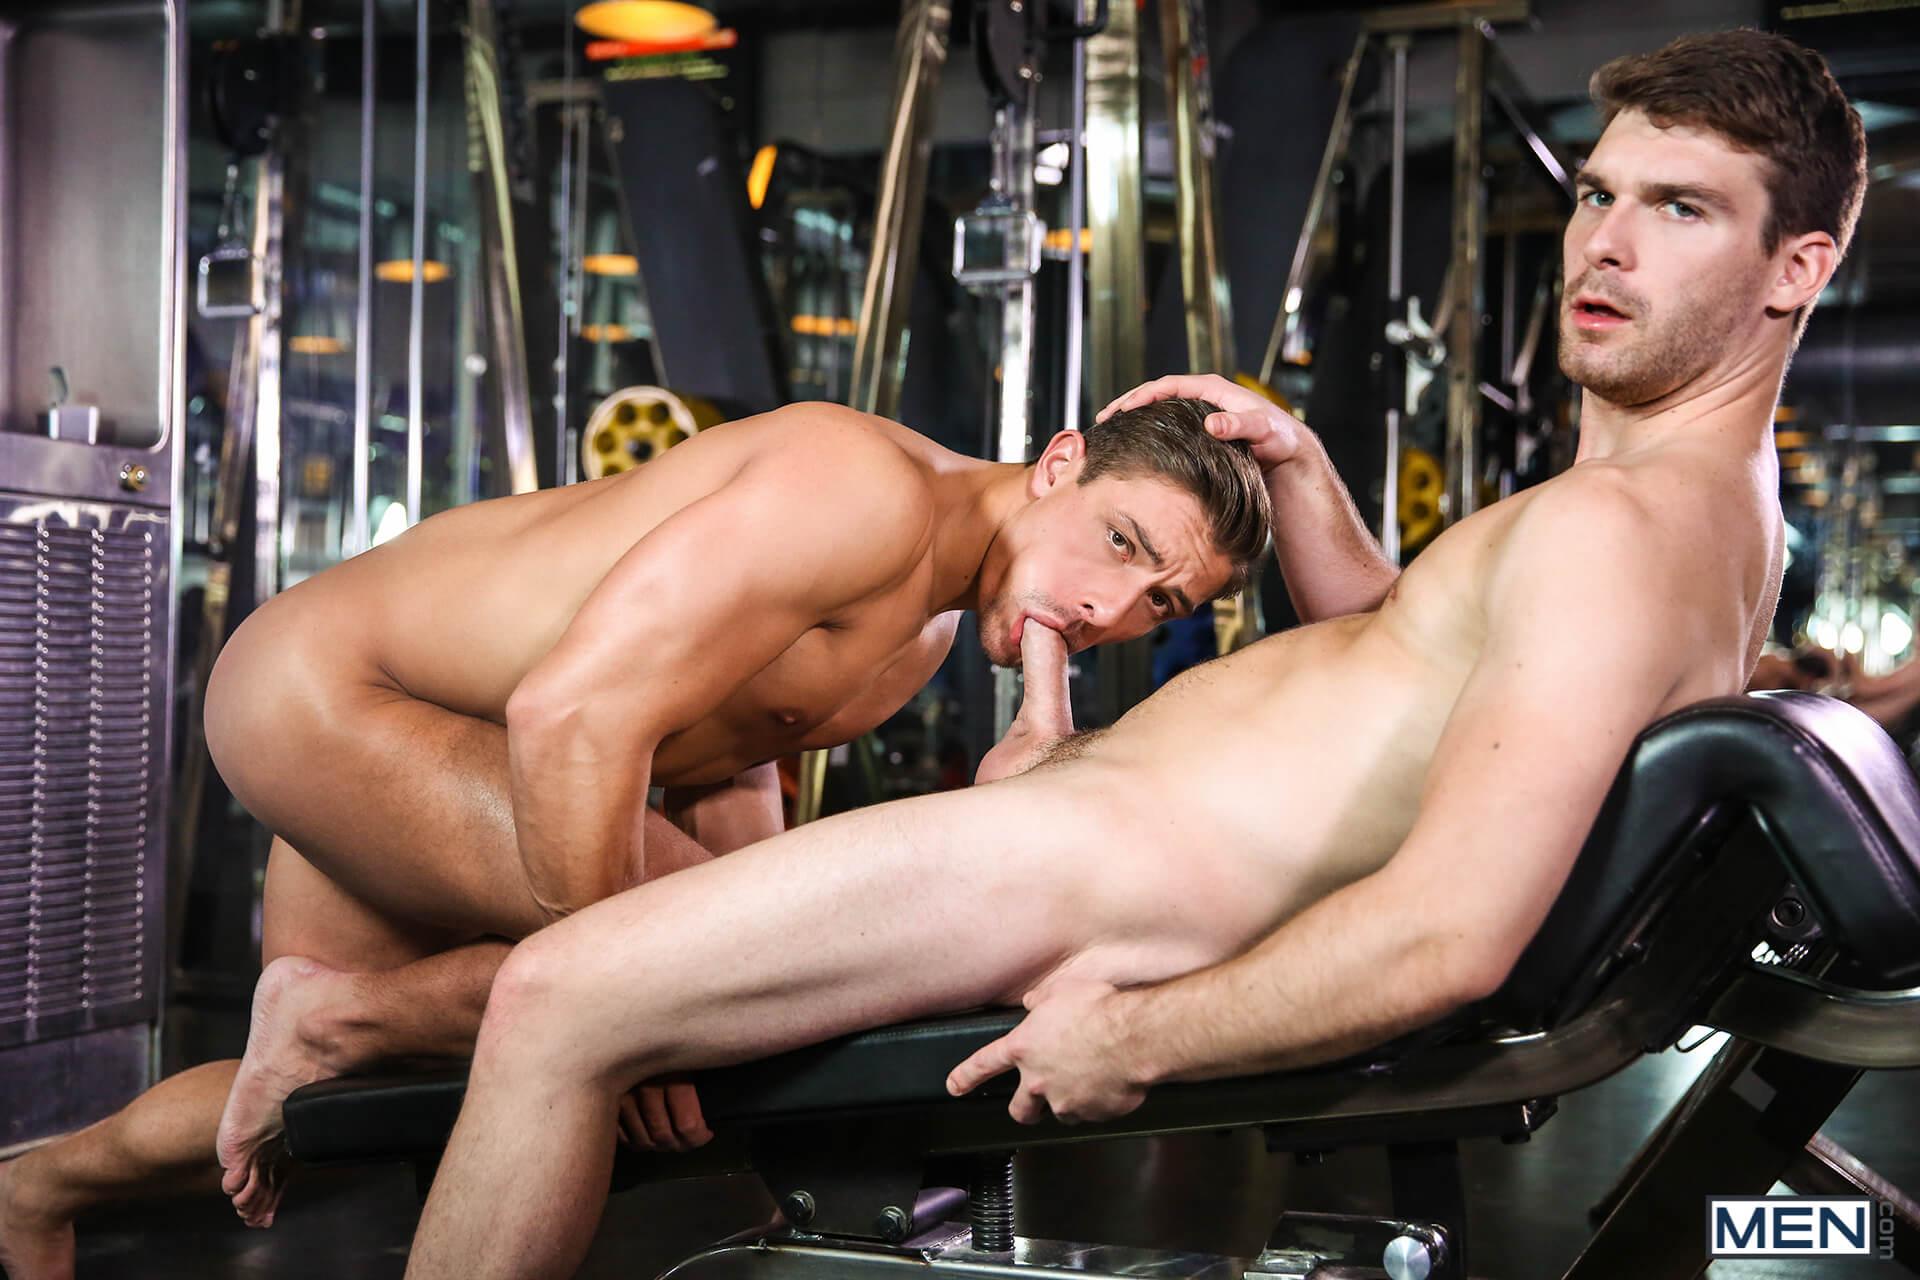 Actores Porno Gay De Men Com showing xxx images for jayden holloway black gay porn xxx